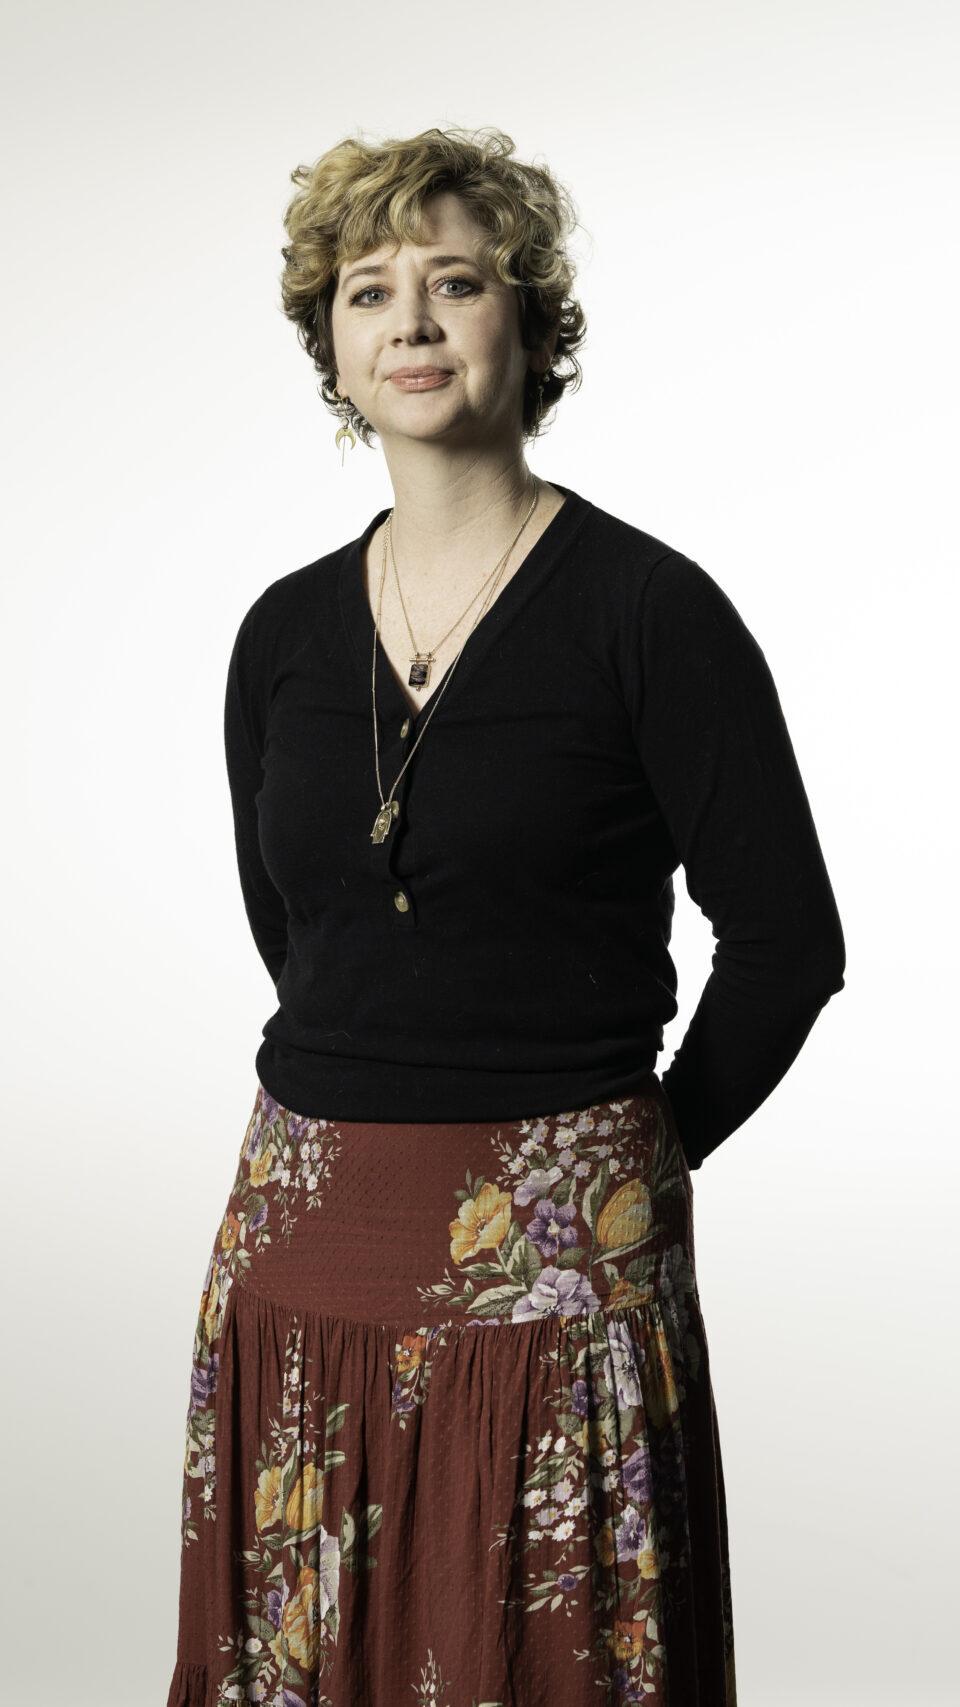 Alison Thomas